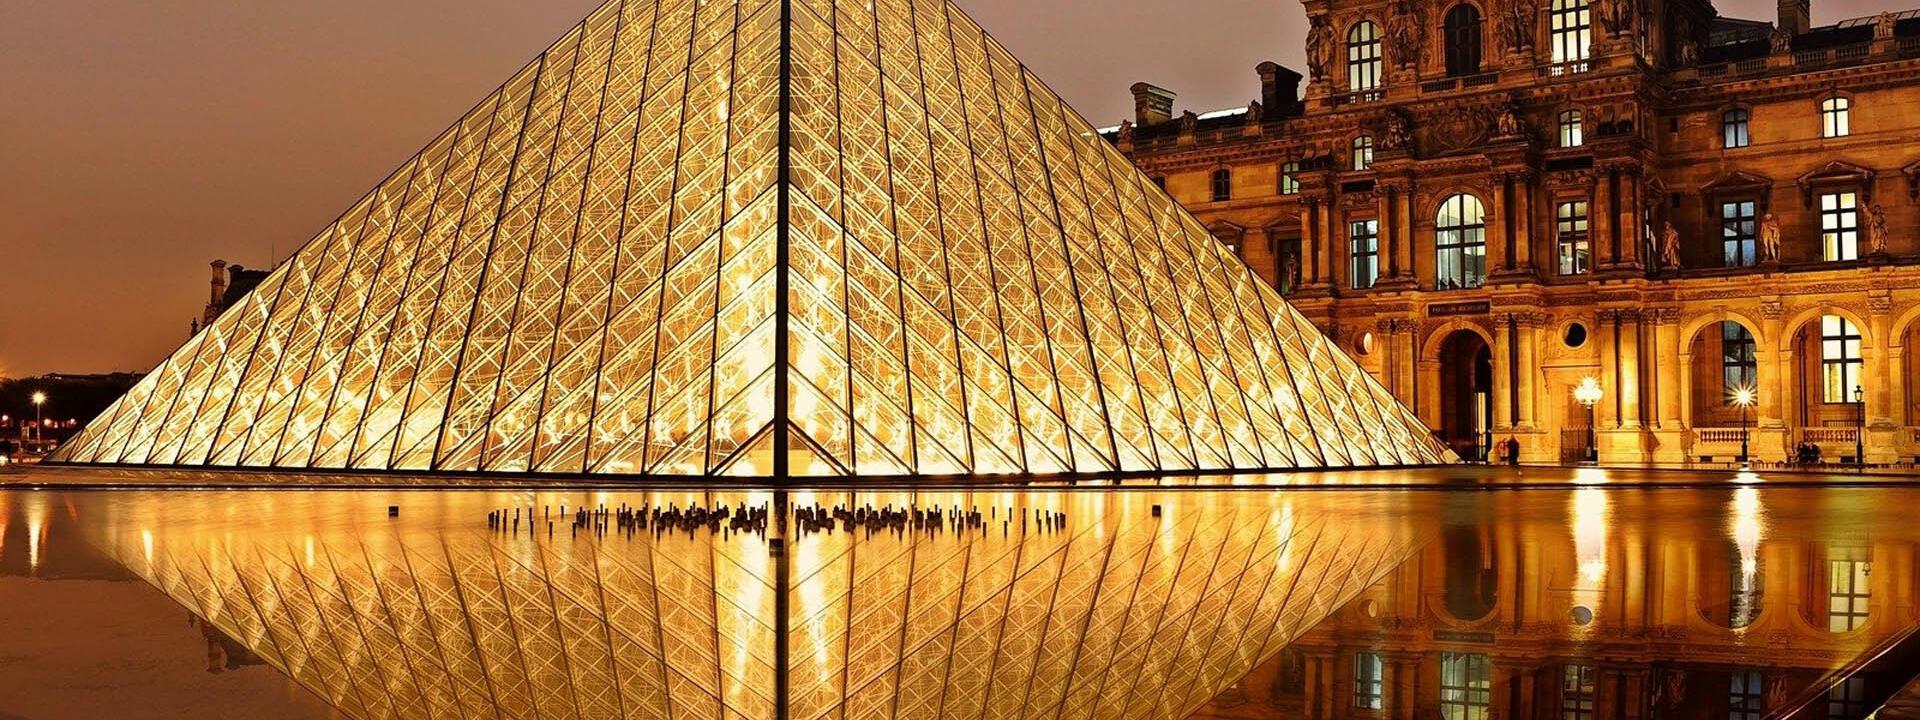 Have a cultural break: visit the Louvre Museum